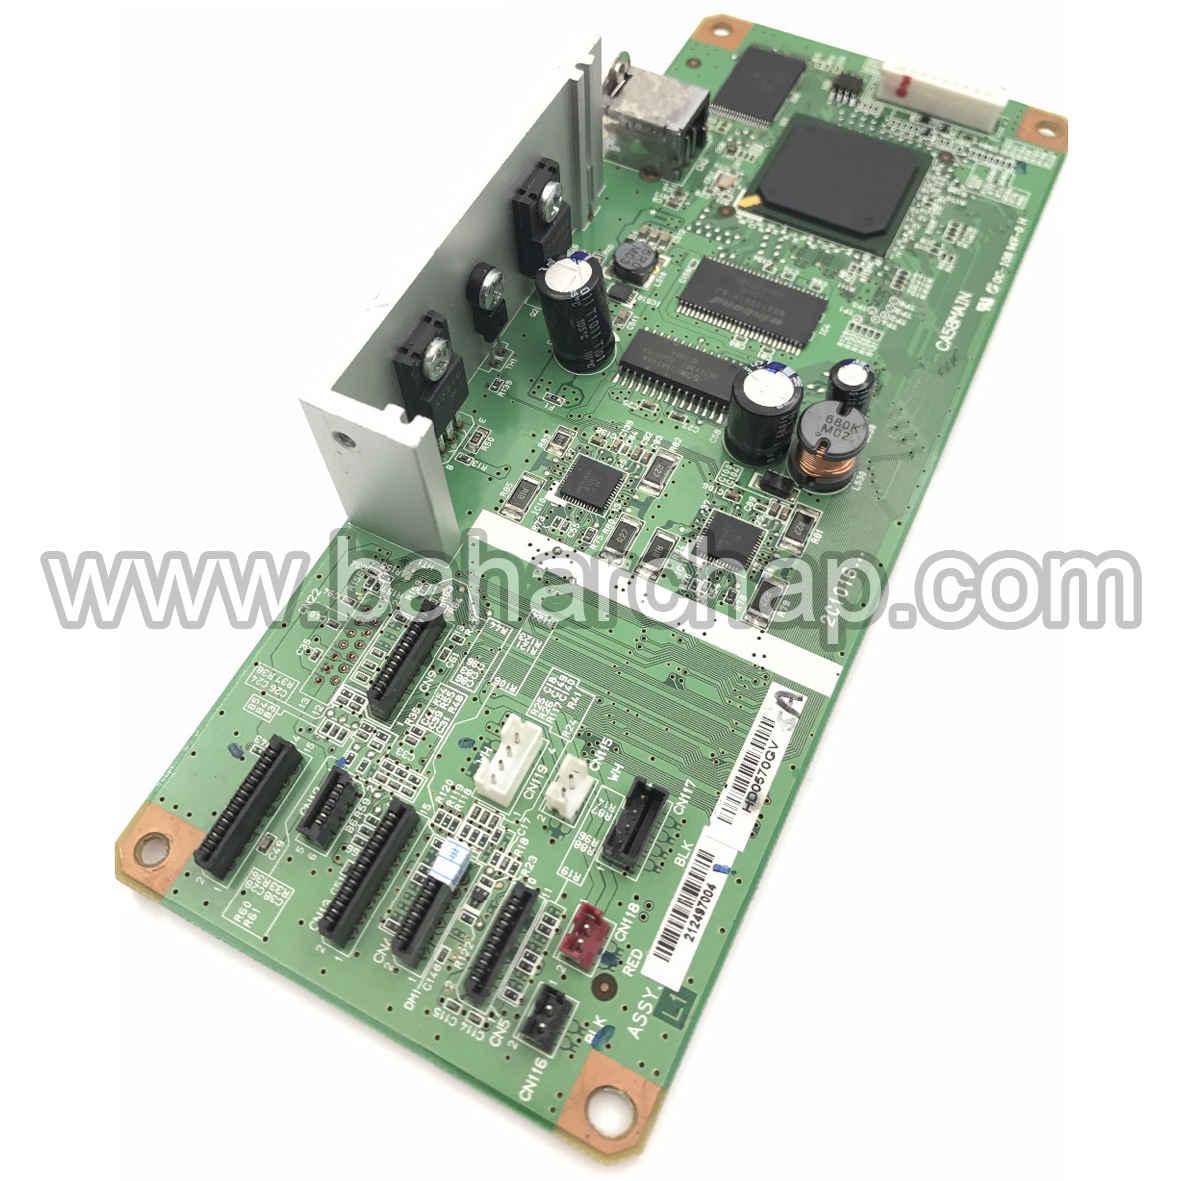 فروشگاه و خدمات اینترنتی بهارچاپ اصفهان-برد فرمتر اپسون L1300-FORMATTER BOARD FOR EPSON L1300